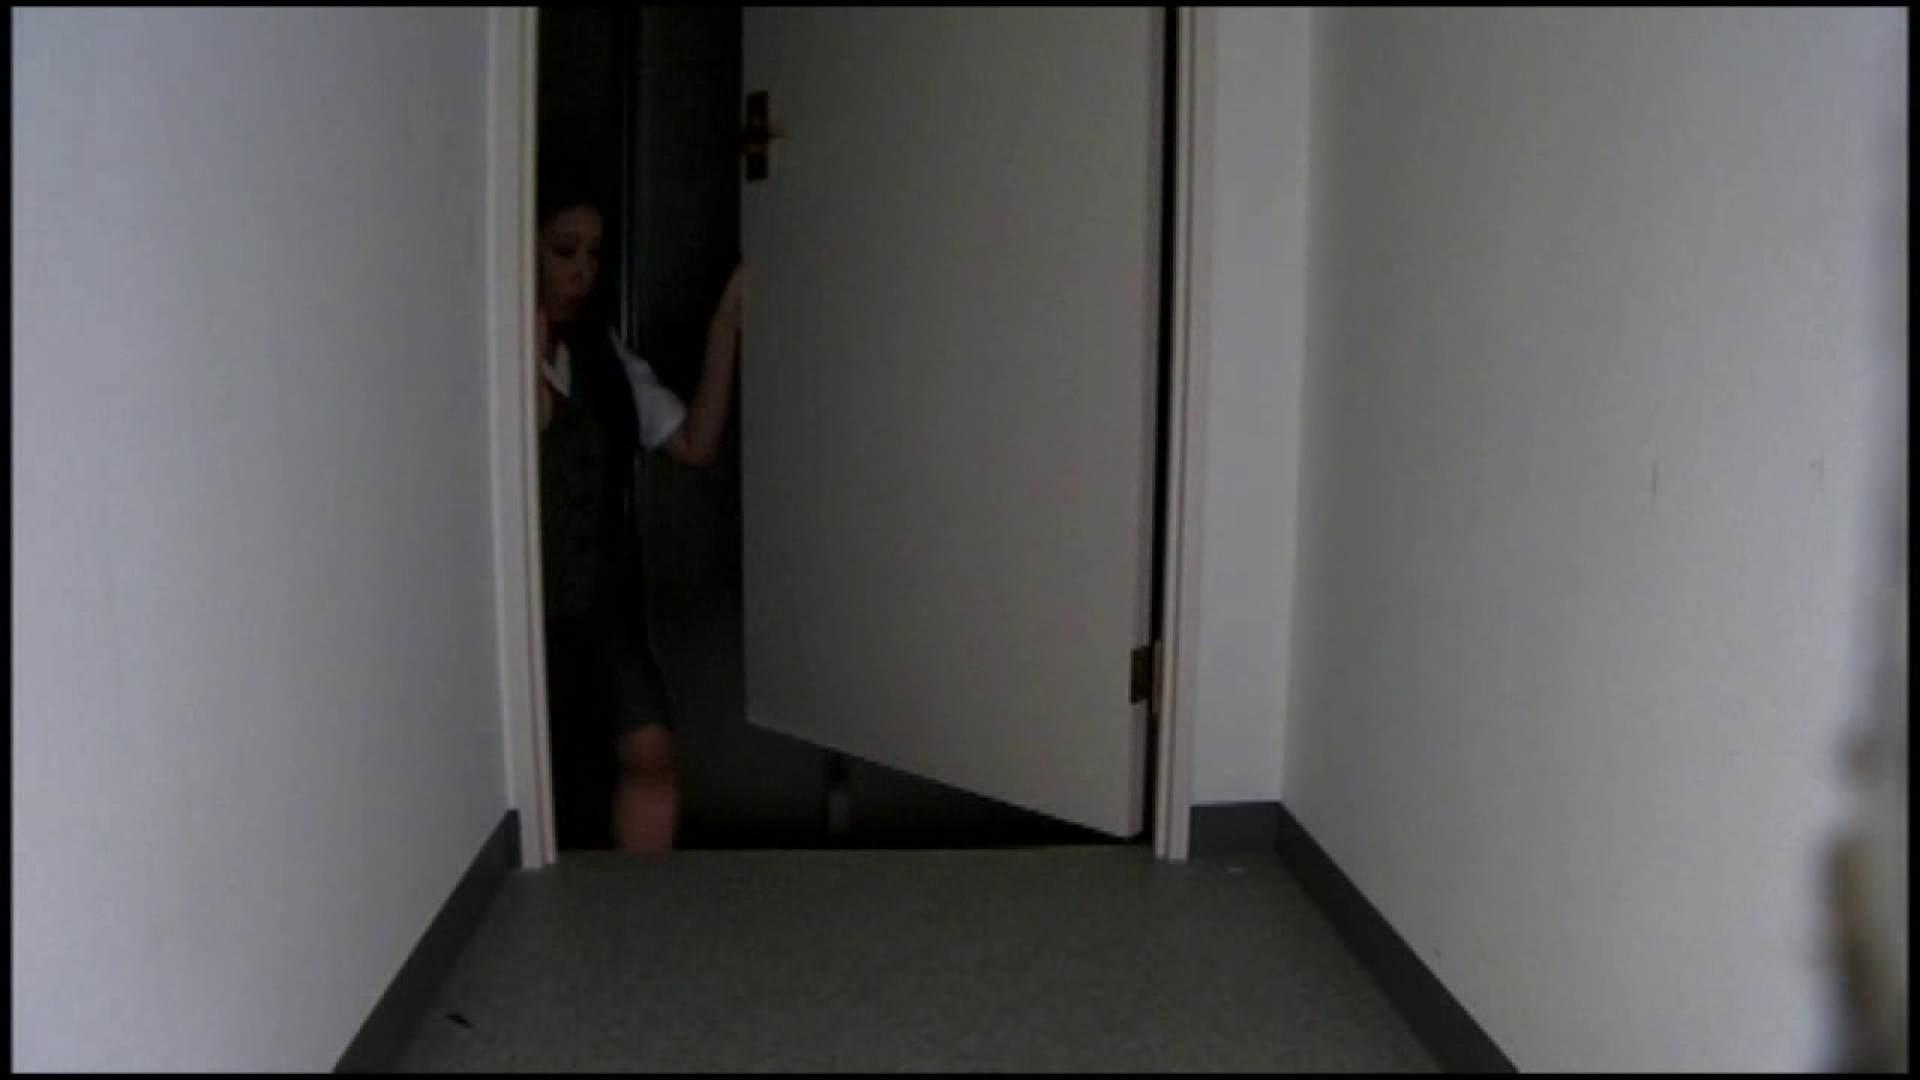 和式にまたがる女たちを待ちうけるカメラの衝撃映像vol.01 厠 | 接写  101pic 23